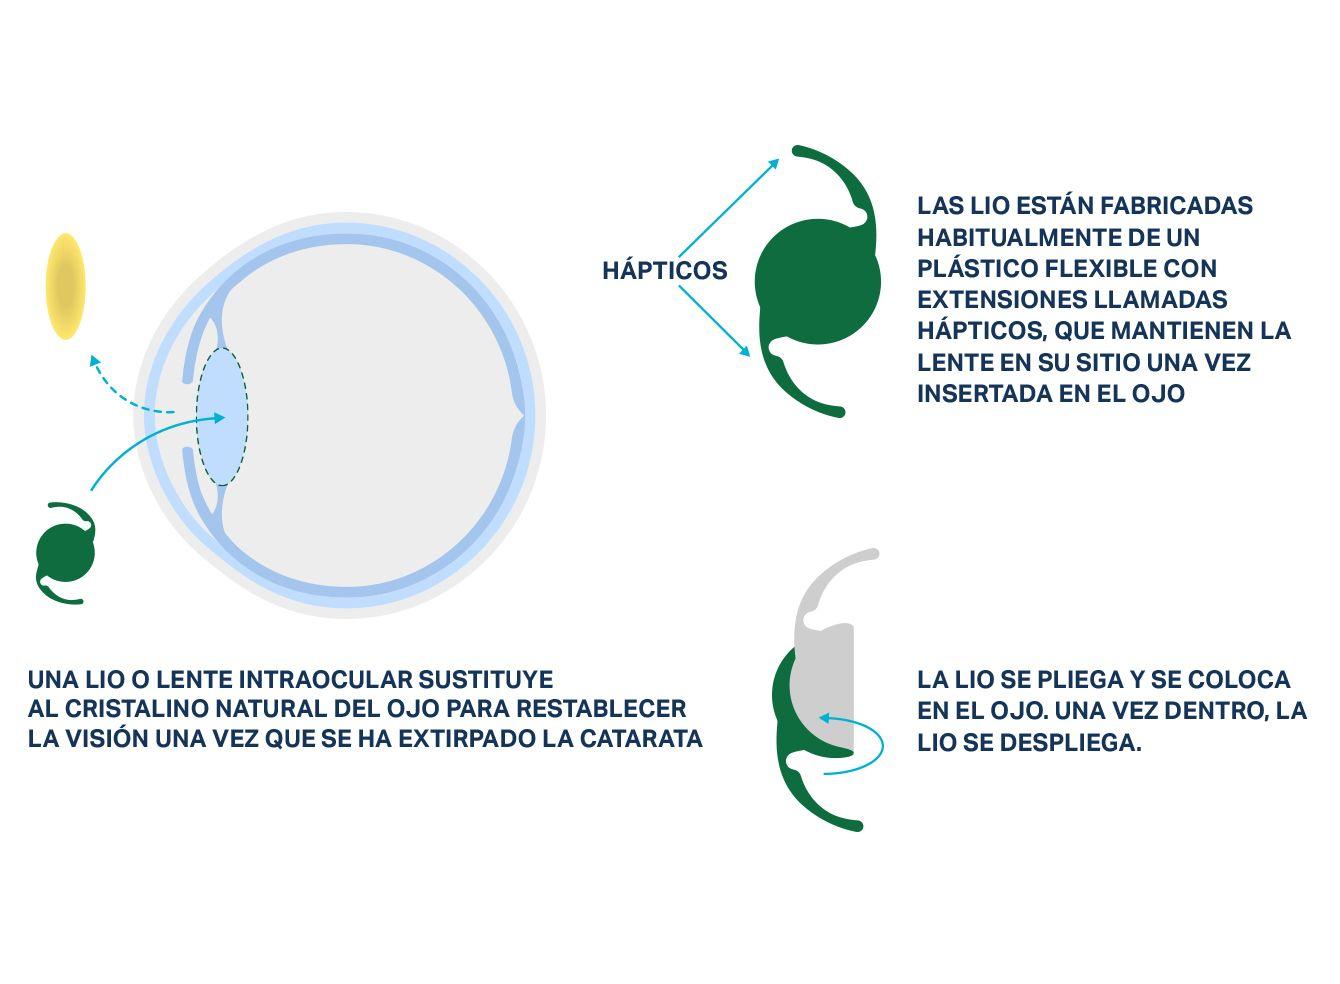 Imagen de un ojo que muestra cómo se sustituye el cristalino por una lente intraocular (LIO) durante la cirugía de cataratas.